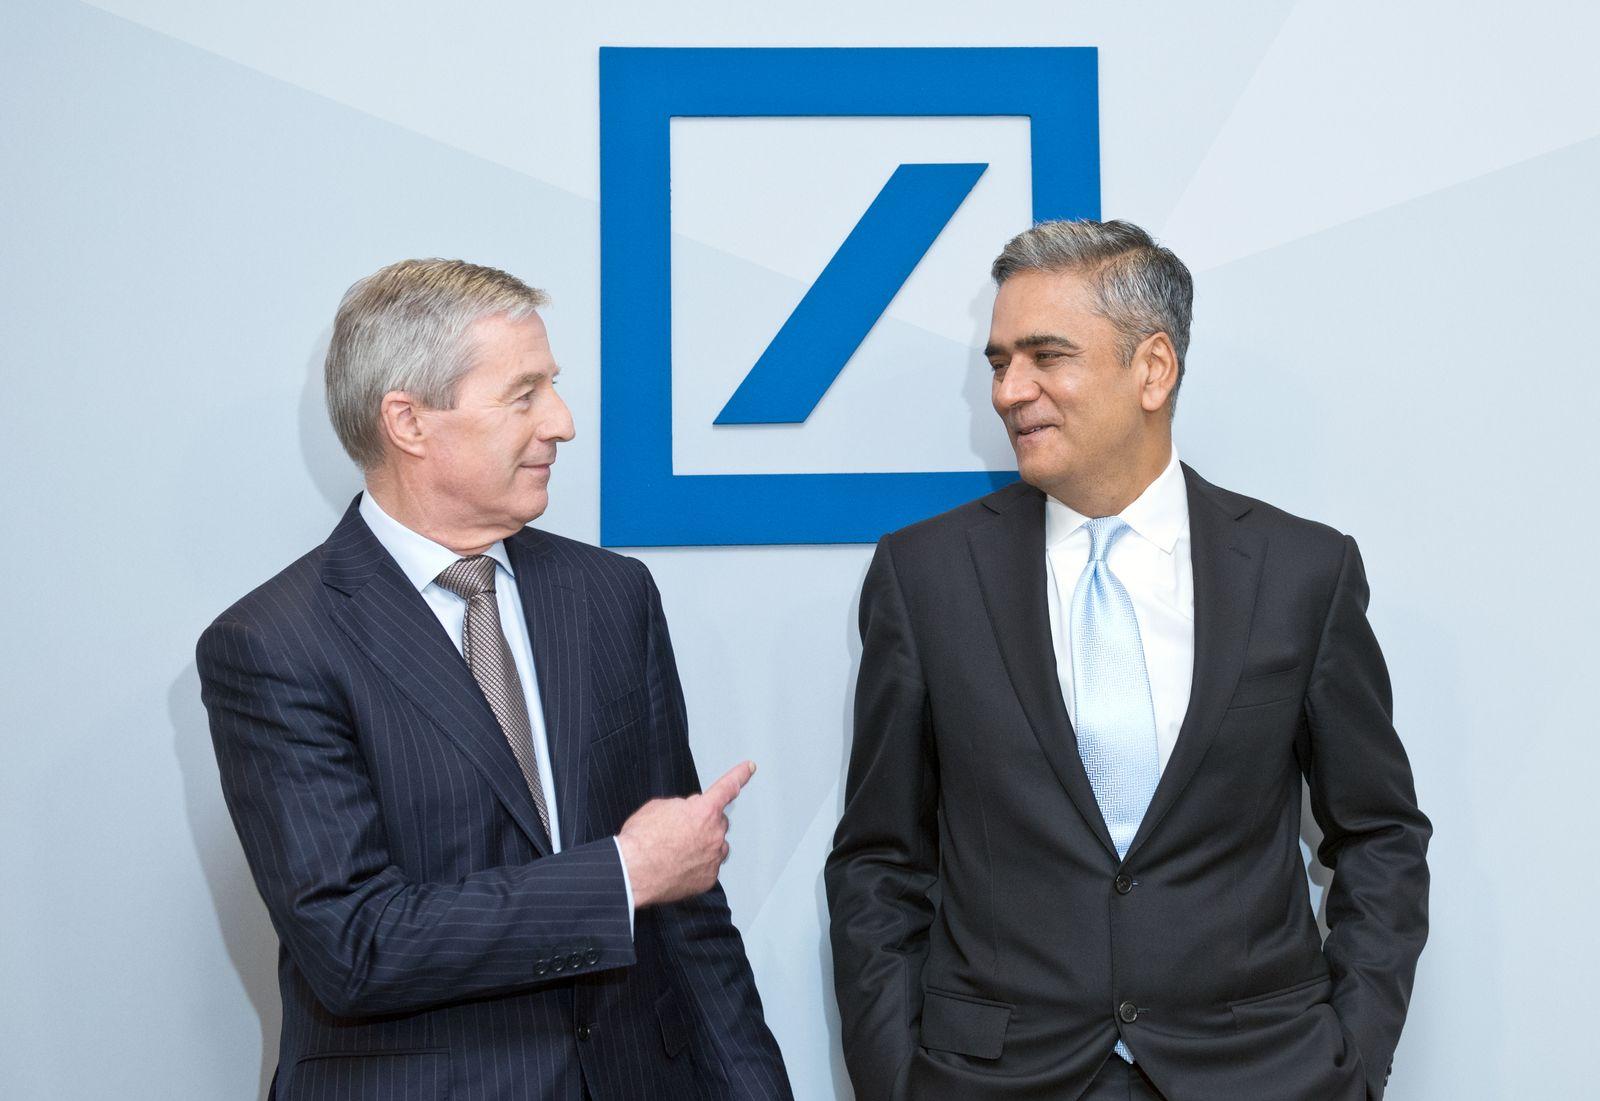 Deutsche Bank / Dax / Anshu Jain / Jürgen Fitschen